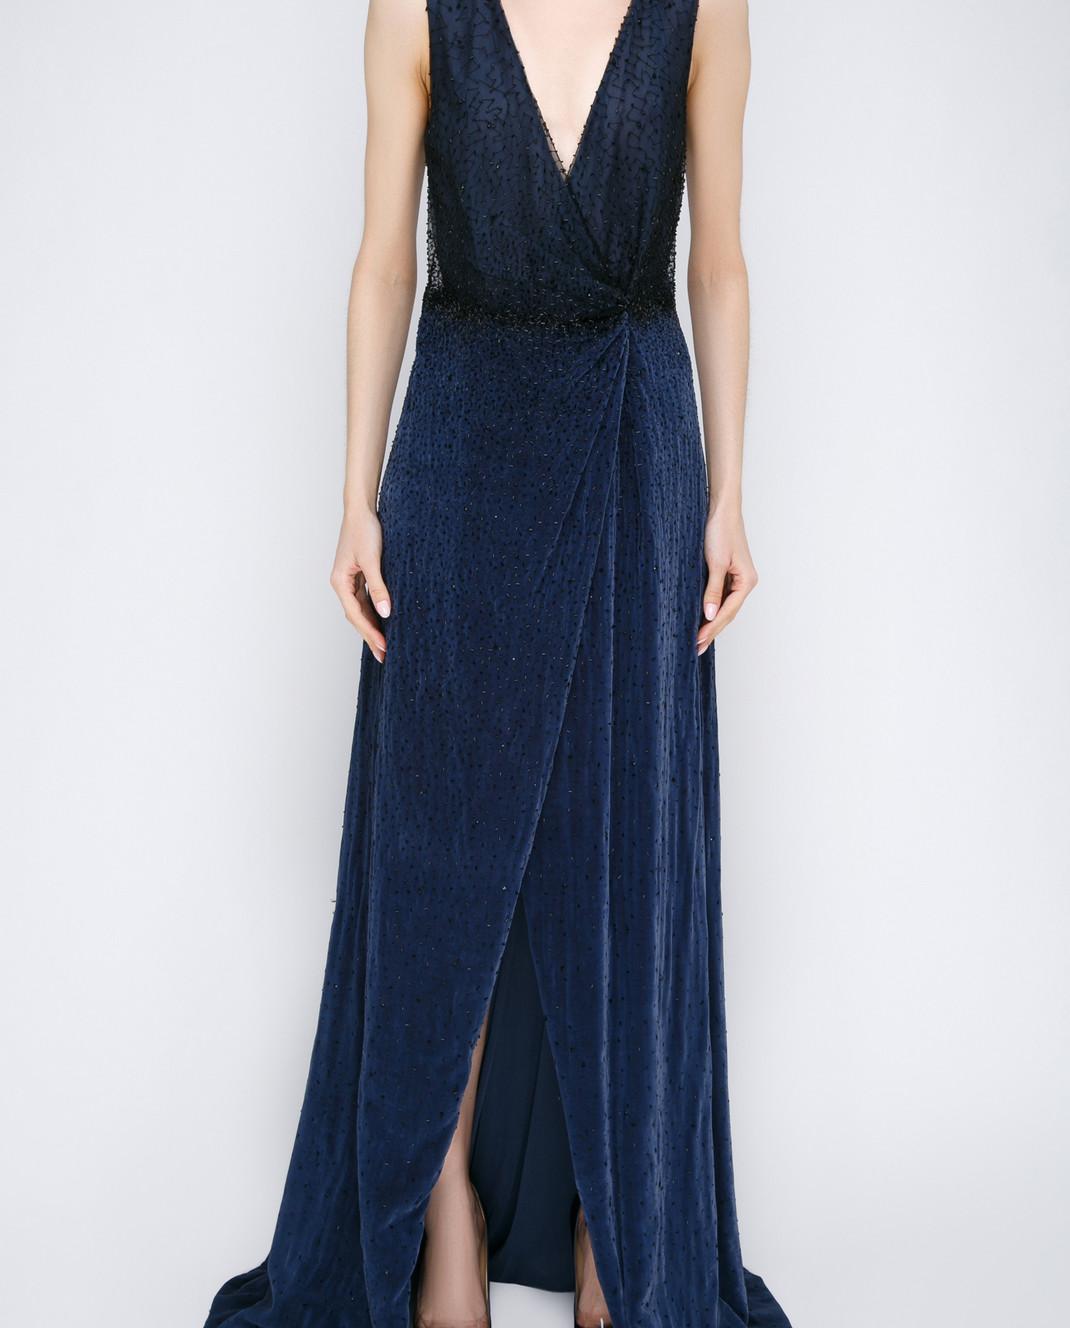 Dennis Basso Синее платье 13508 изображение 3